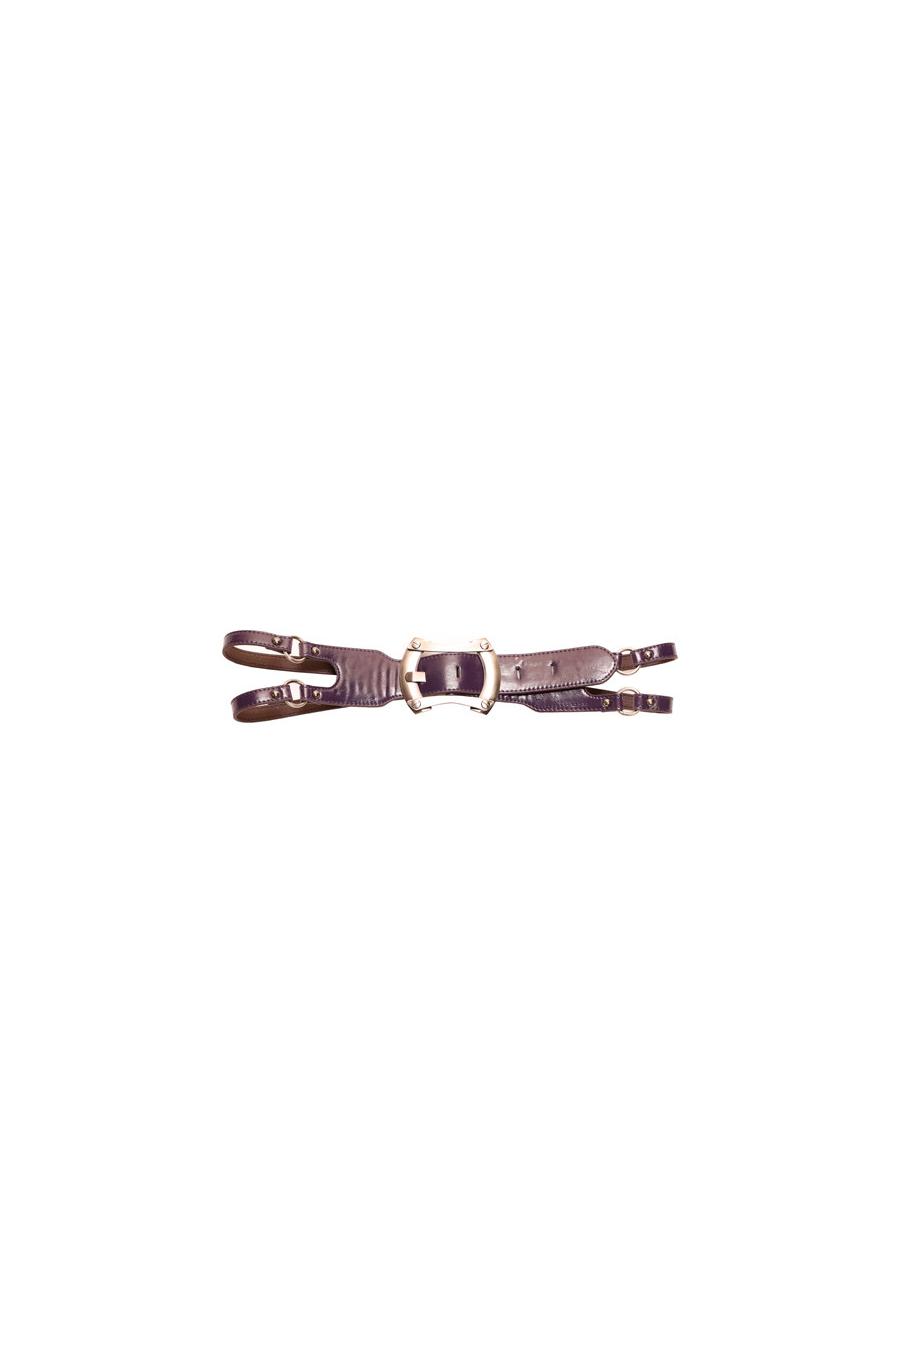 Purple belt with Double crossed strap. Large Buckle. Women's Belt. XF08154